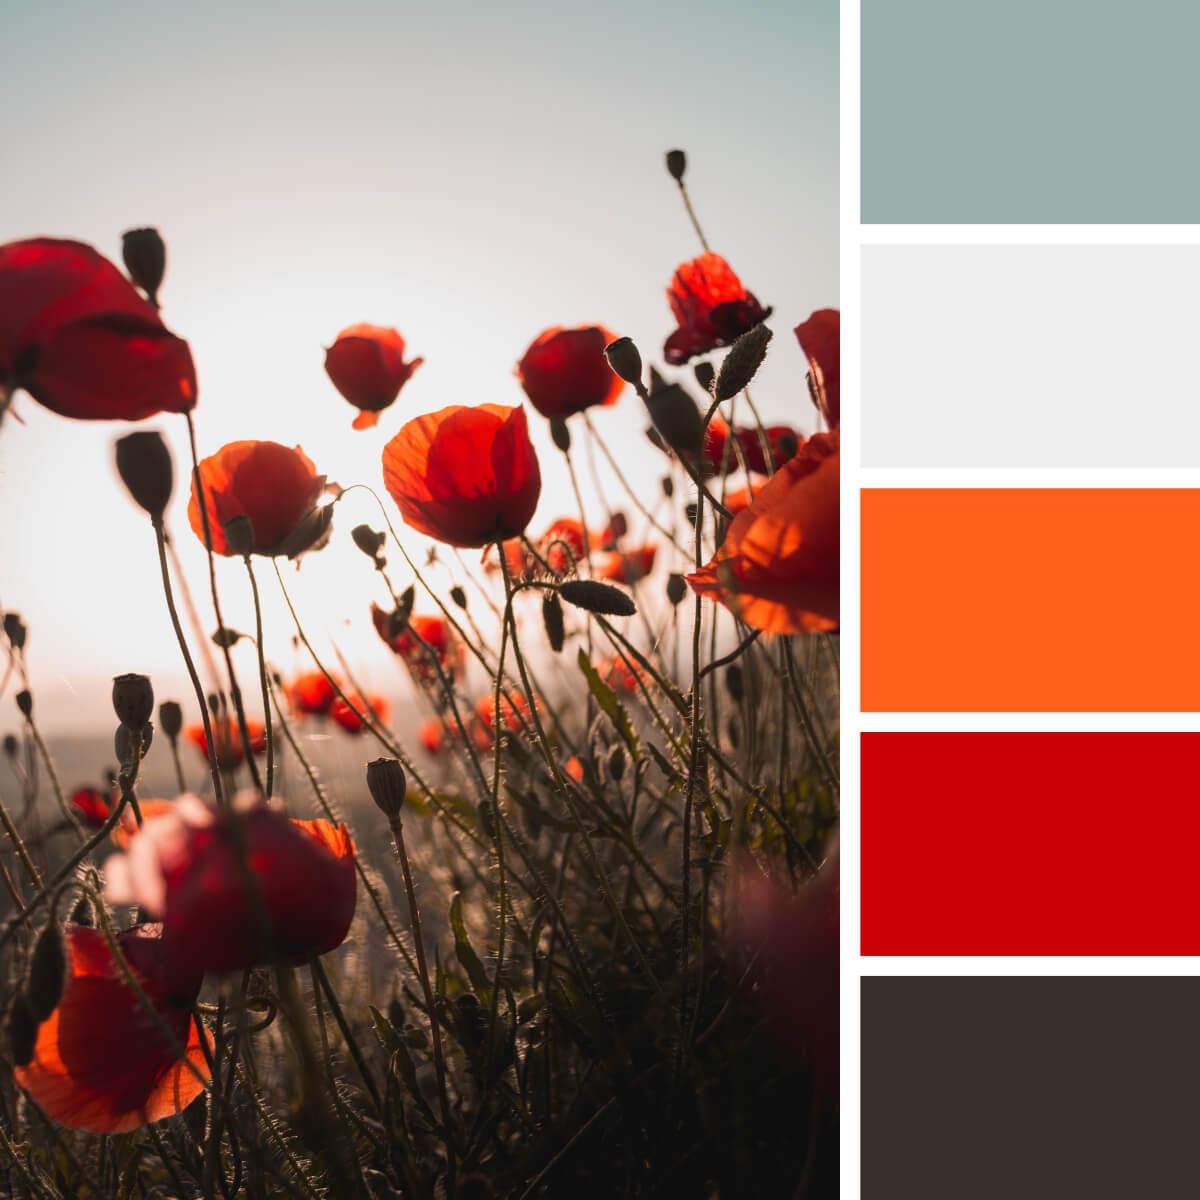 Poppy Red & Orange